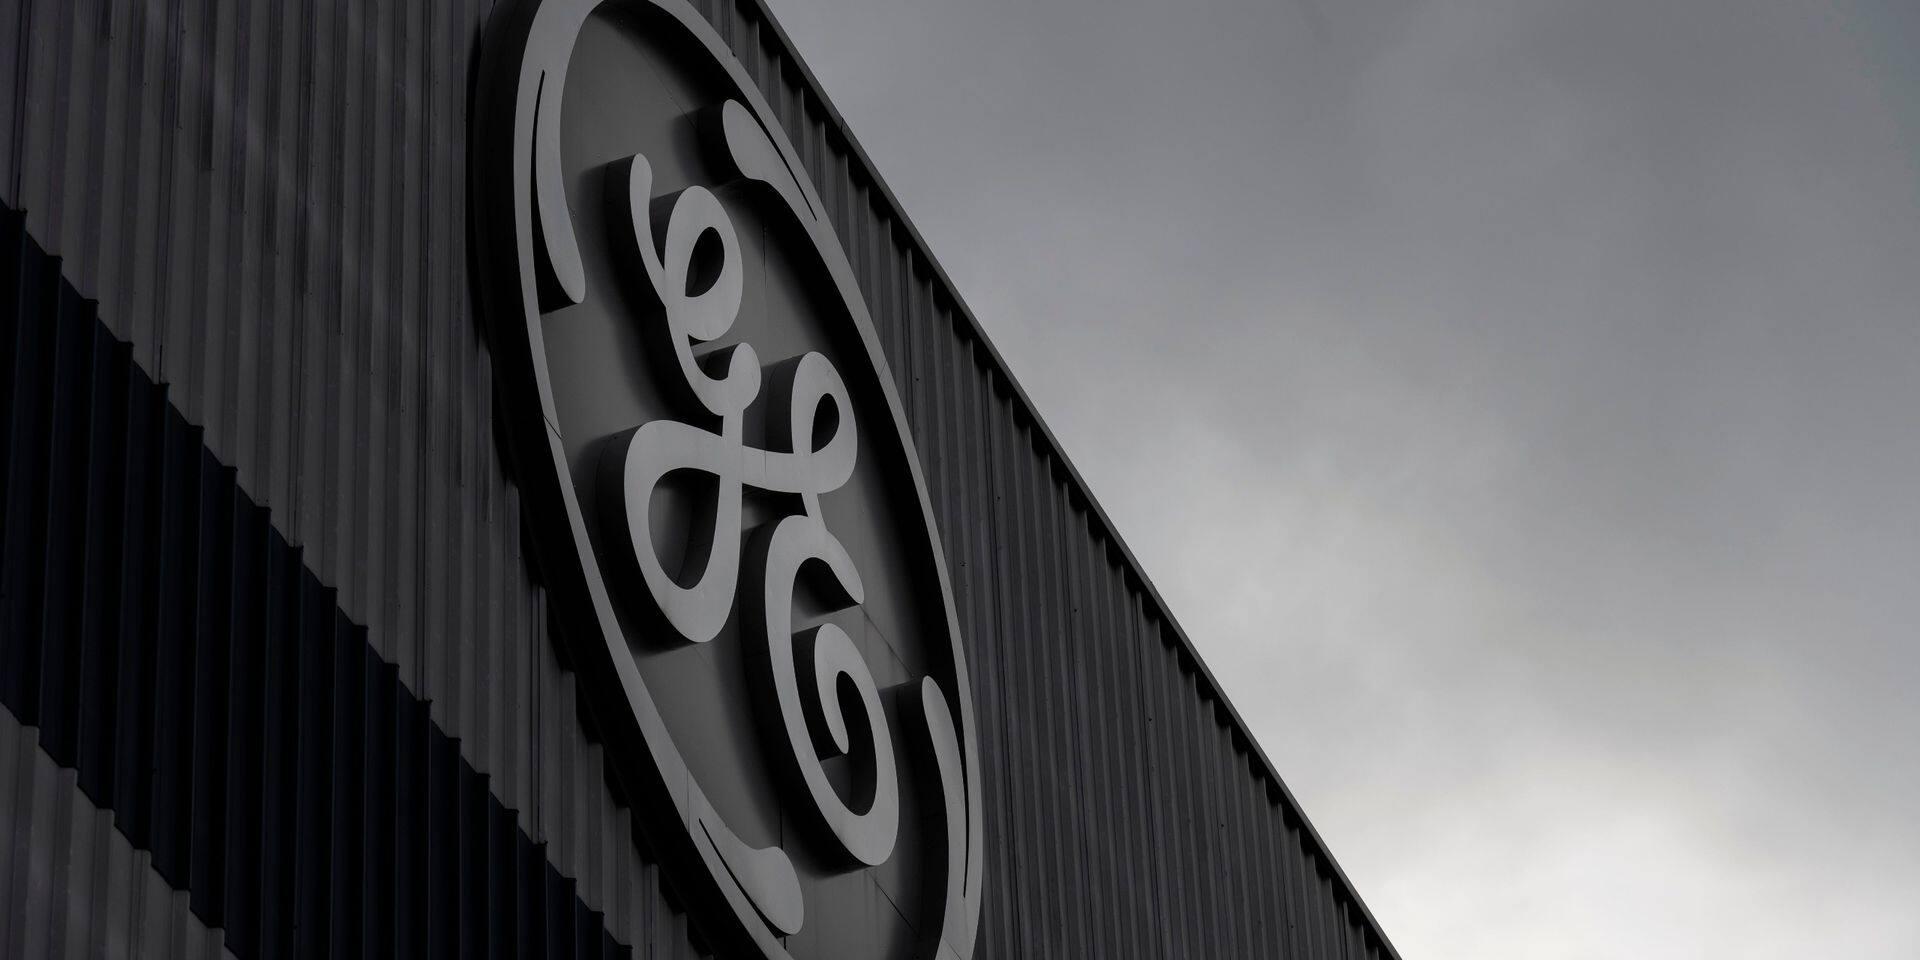 """""""C'est scandaleux"""": des voix s'élèvent contre le patron de General Electric, assuré d'empocher un bonus de 47 millions de dollars"""